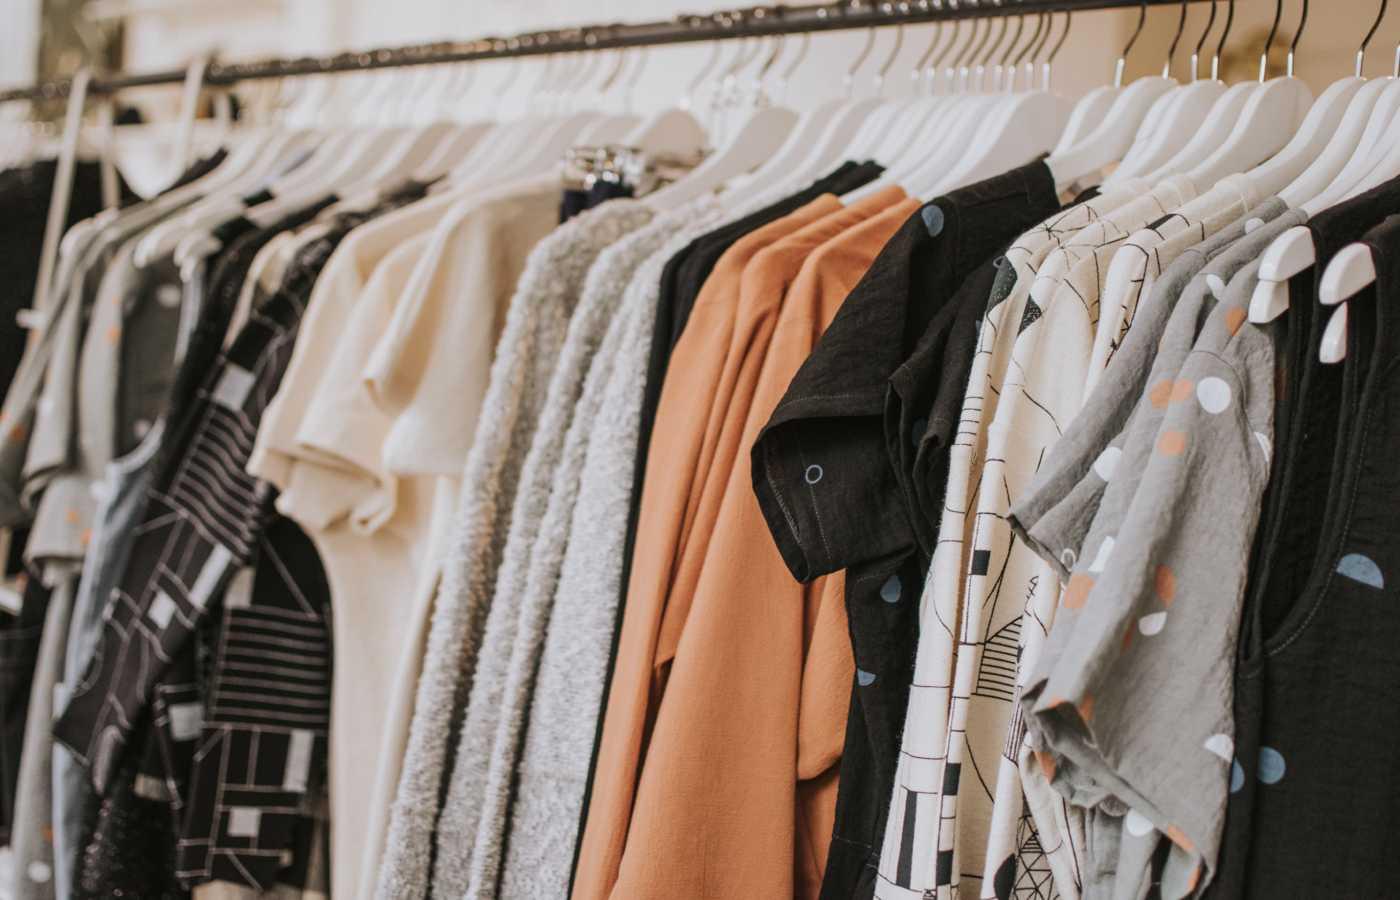 💃🏻 Українська дизайнерка Bevza презентувала одяг з перероблених матеріалів на Тижні моди у Нью-Йорку